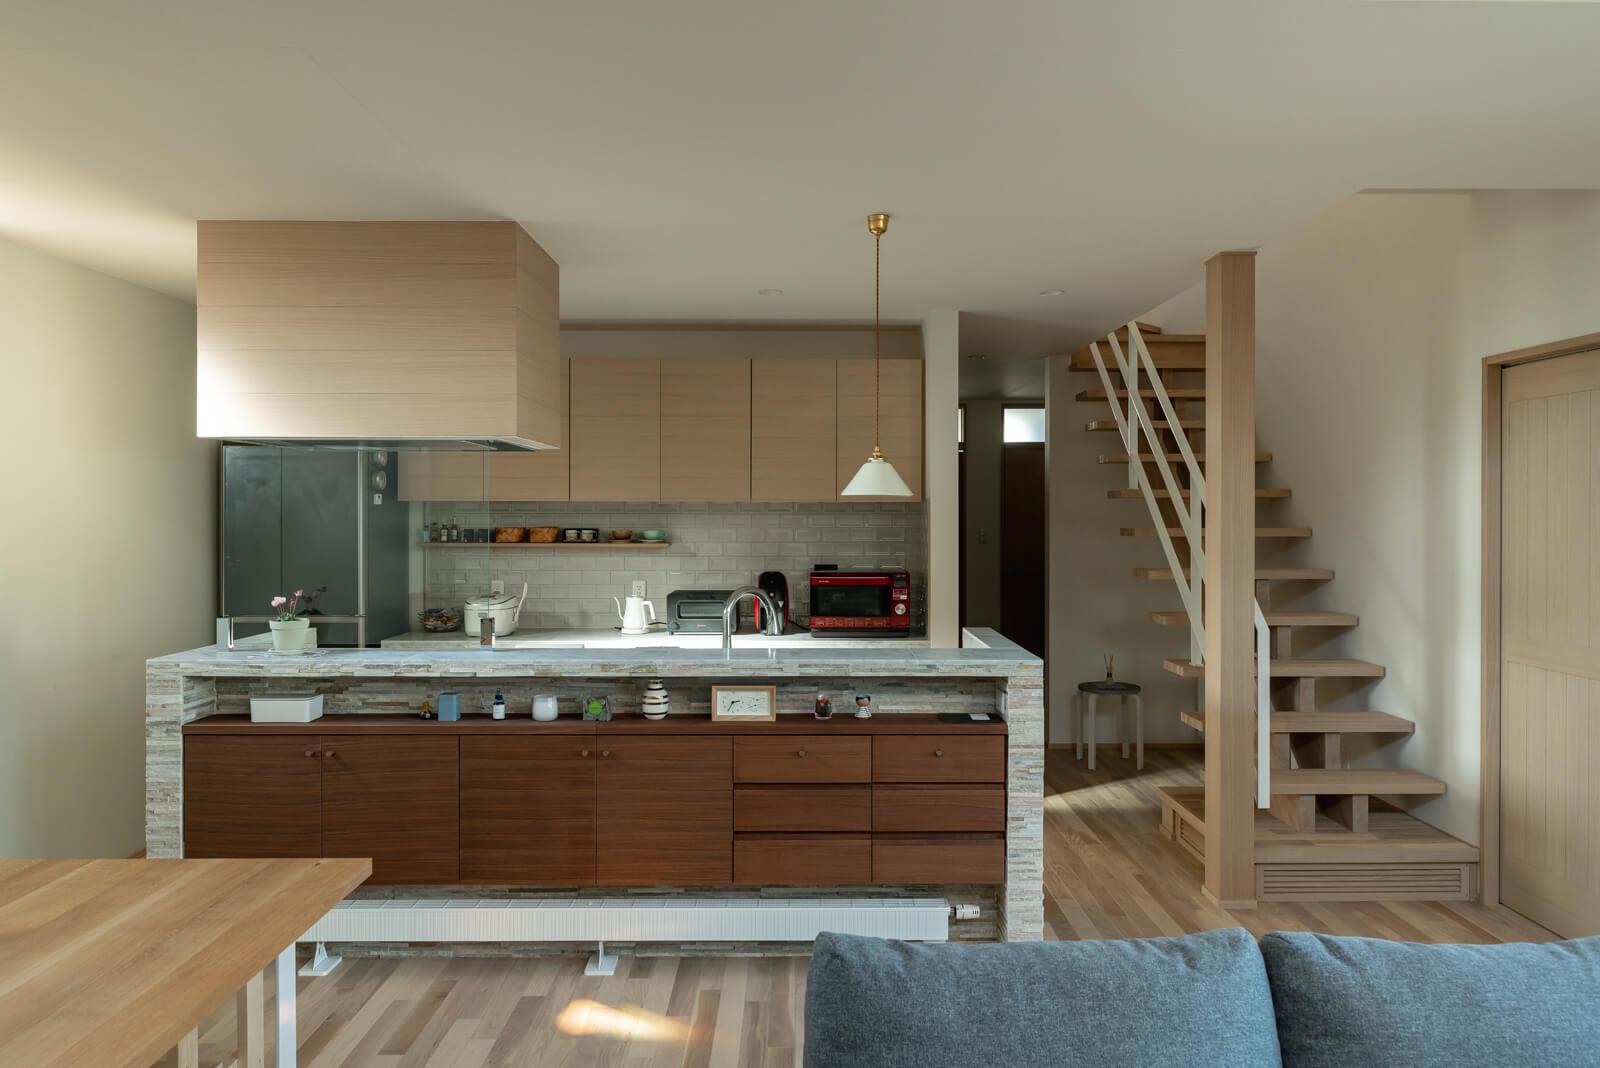 ウォールナット、タモ、石材やタイルなど、素材感が心地よいキッチン